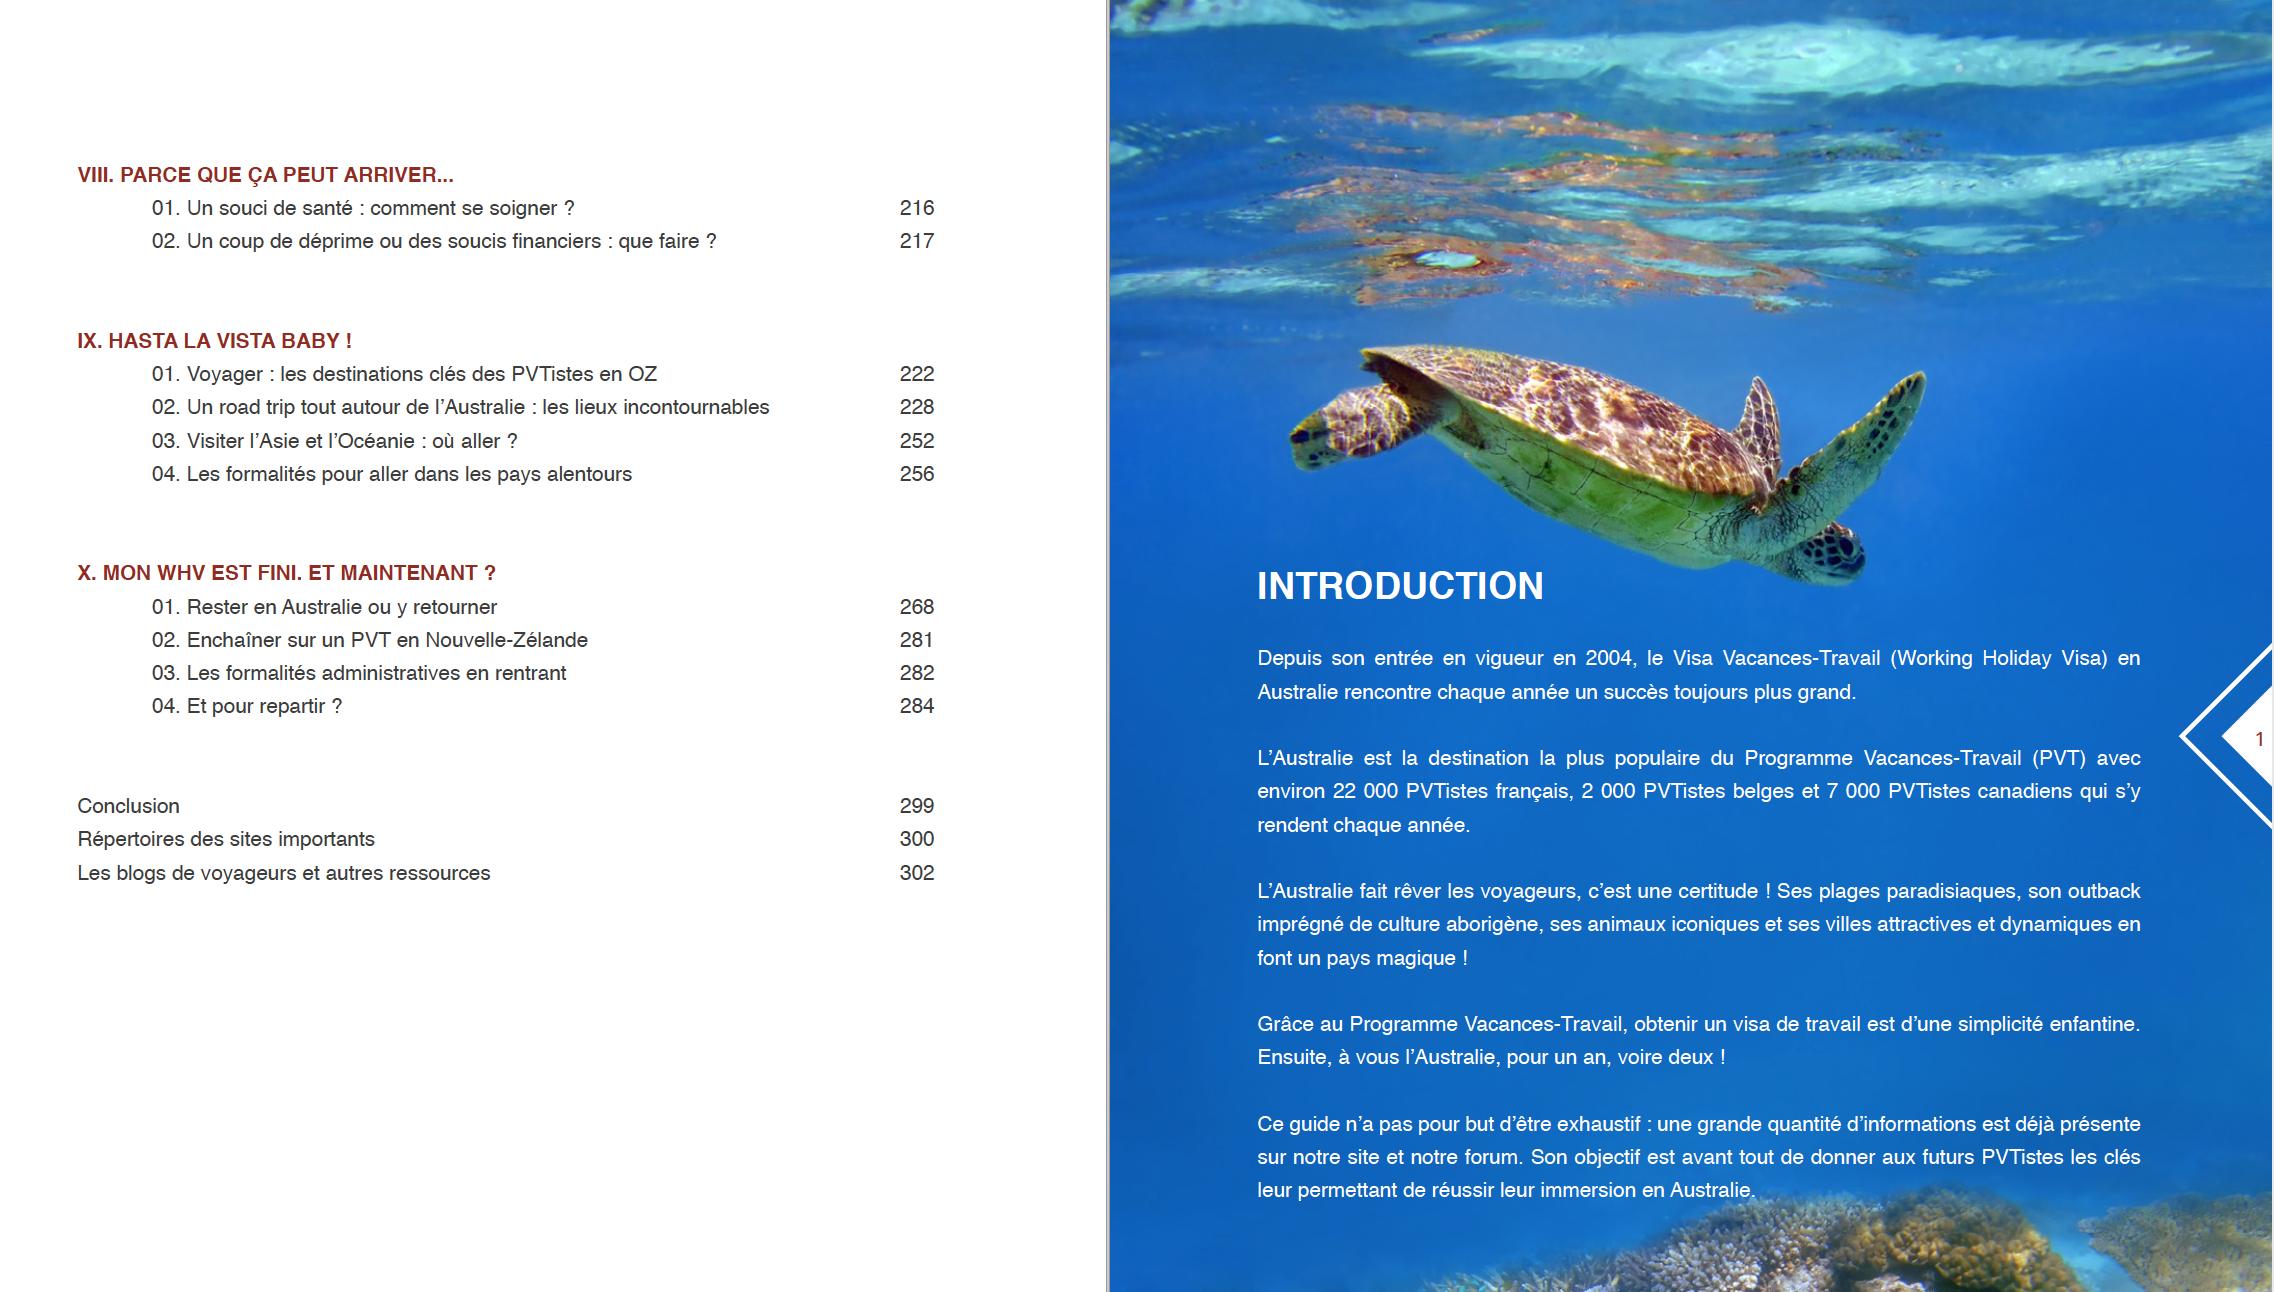 Sommaire - Intro guide des PVTistes en Australie